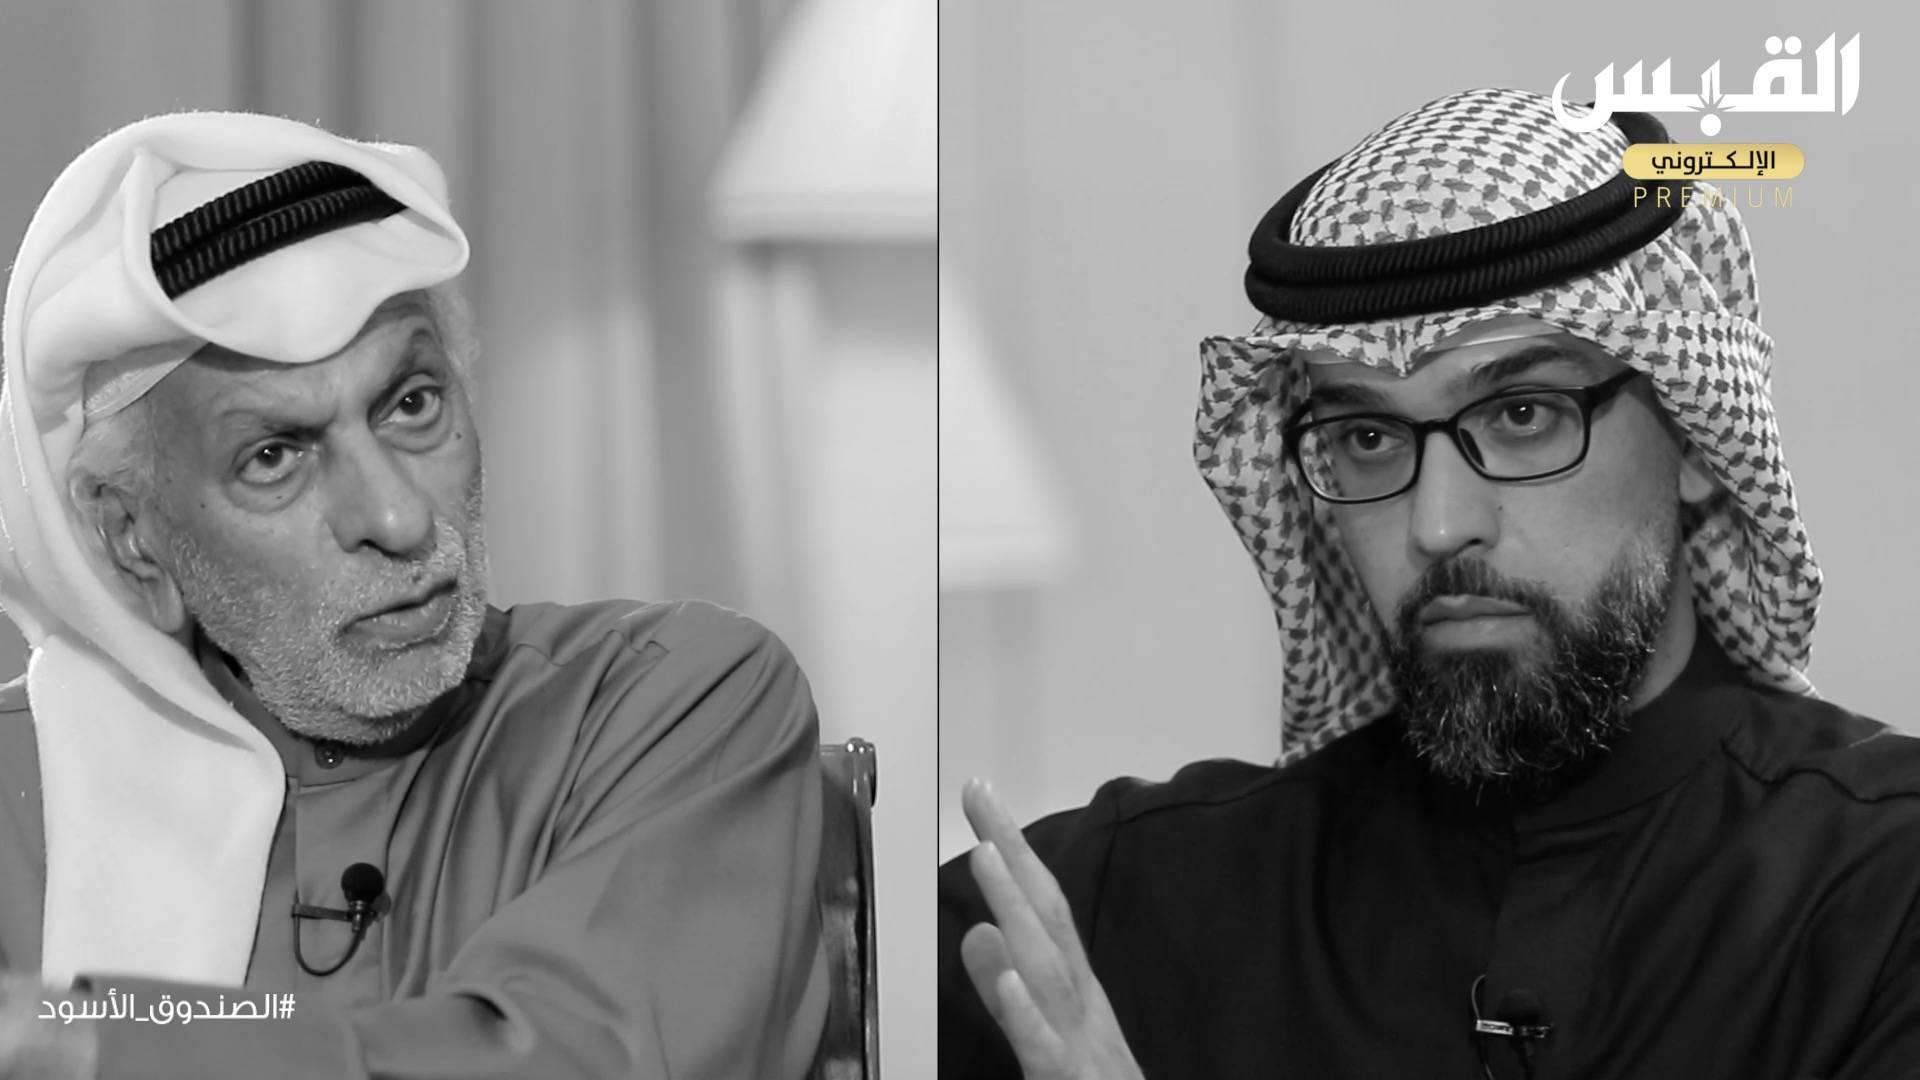 حصرياً.. الجزء 23 و 24 من سلسلة حلقات د. عبدالله النفيسي